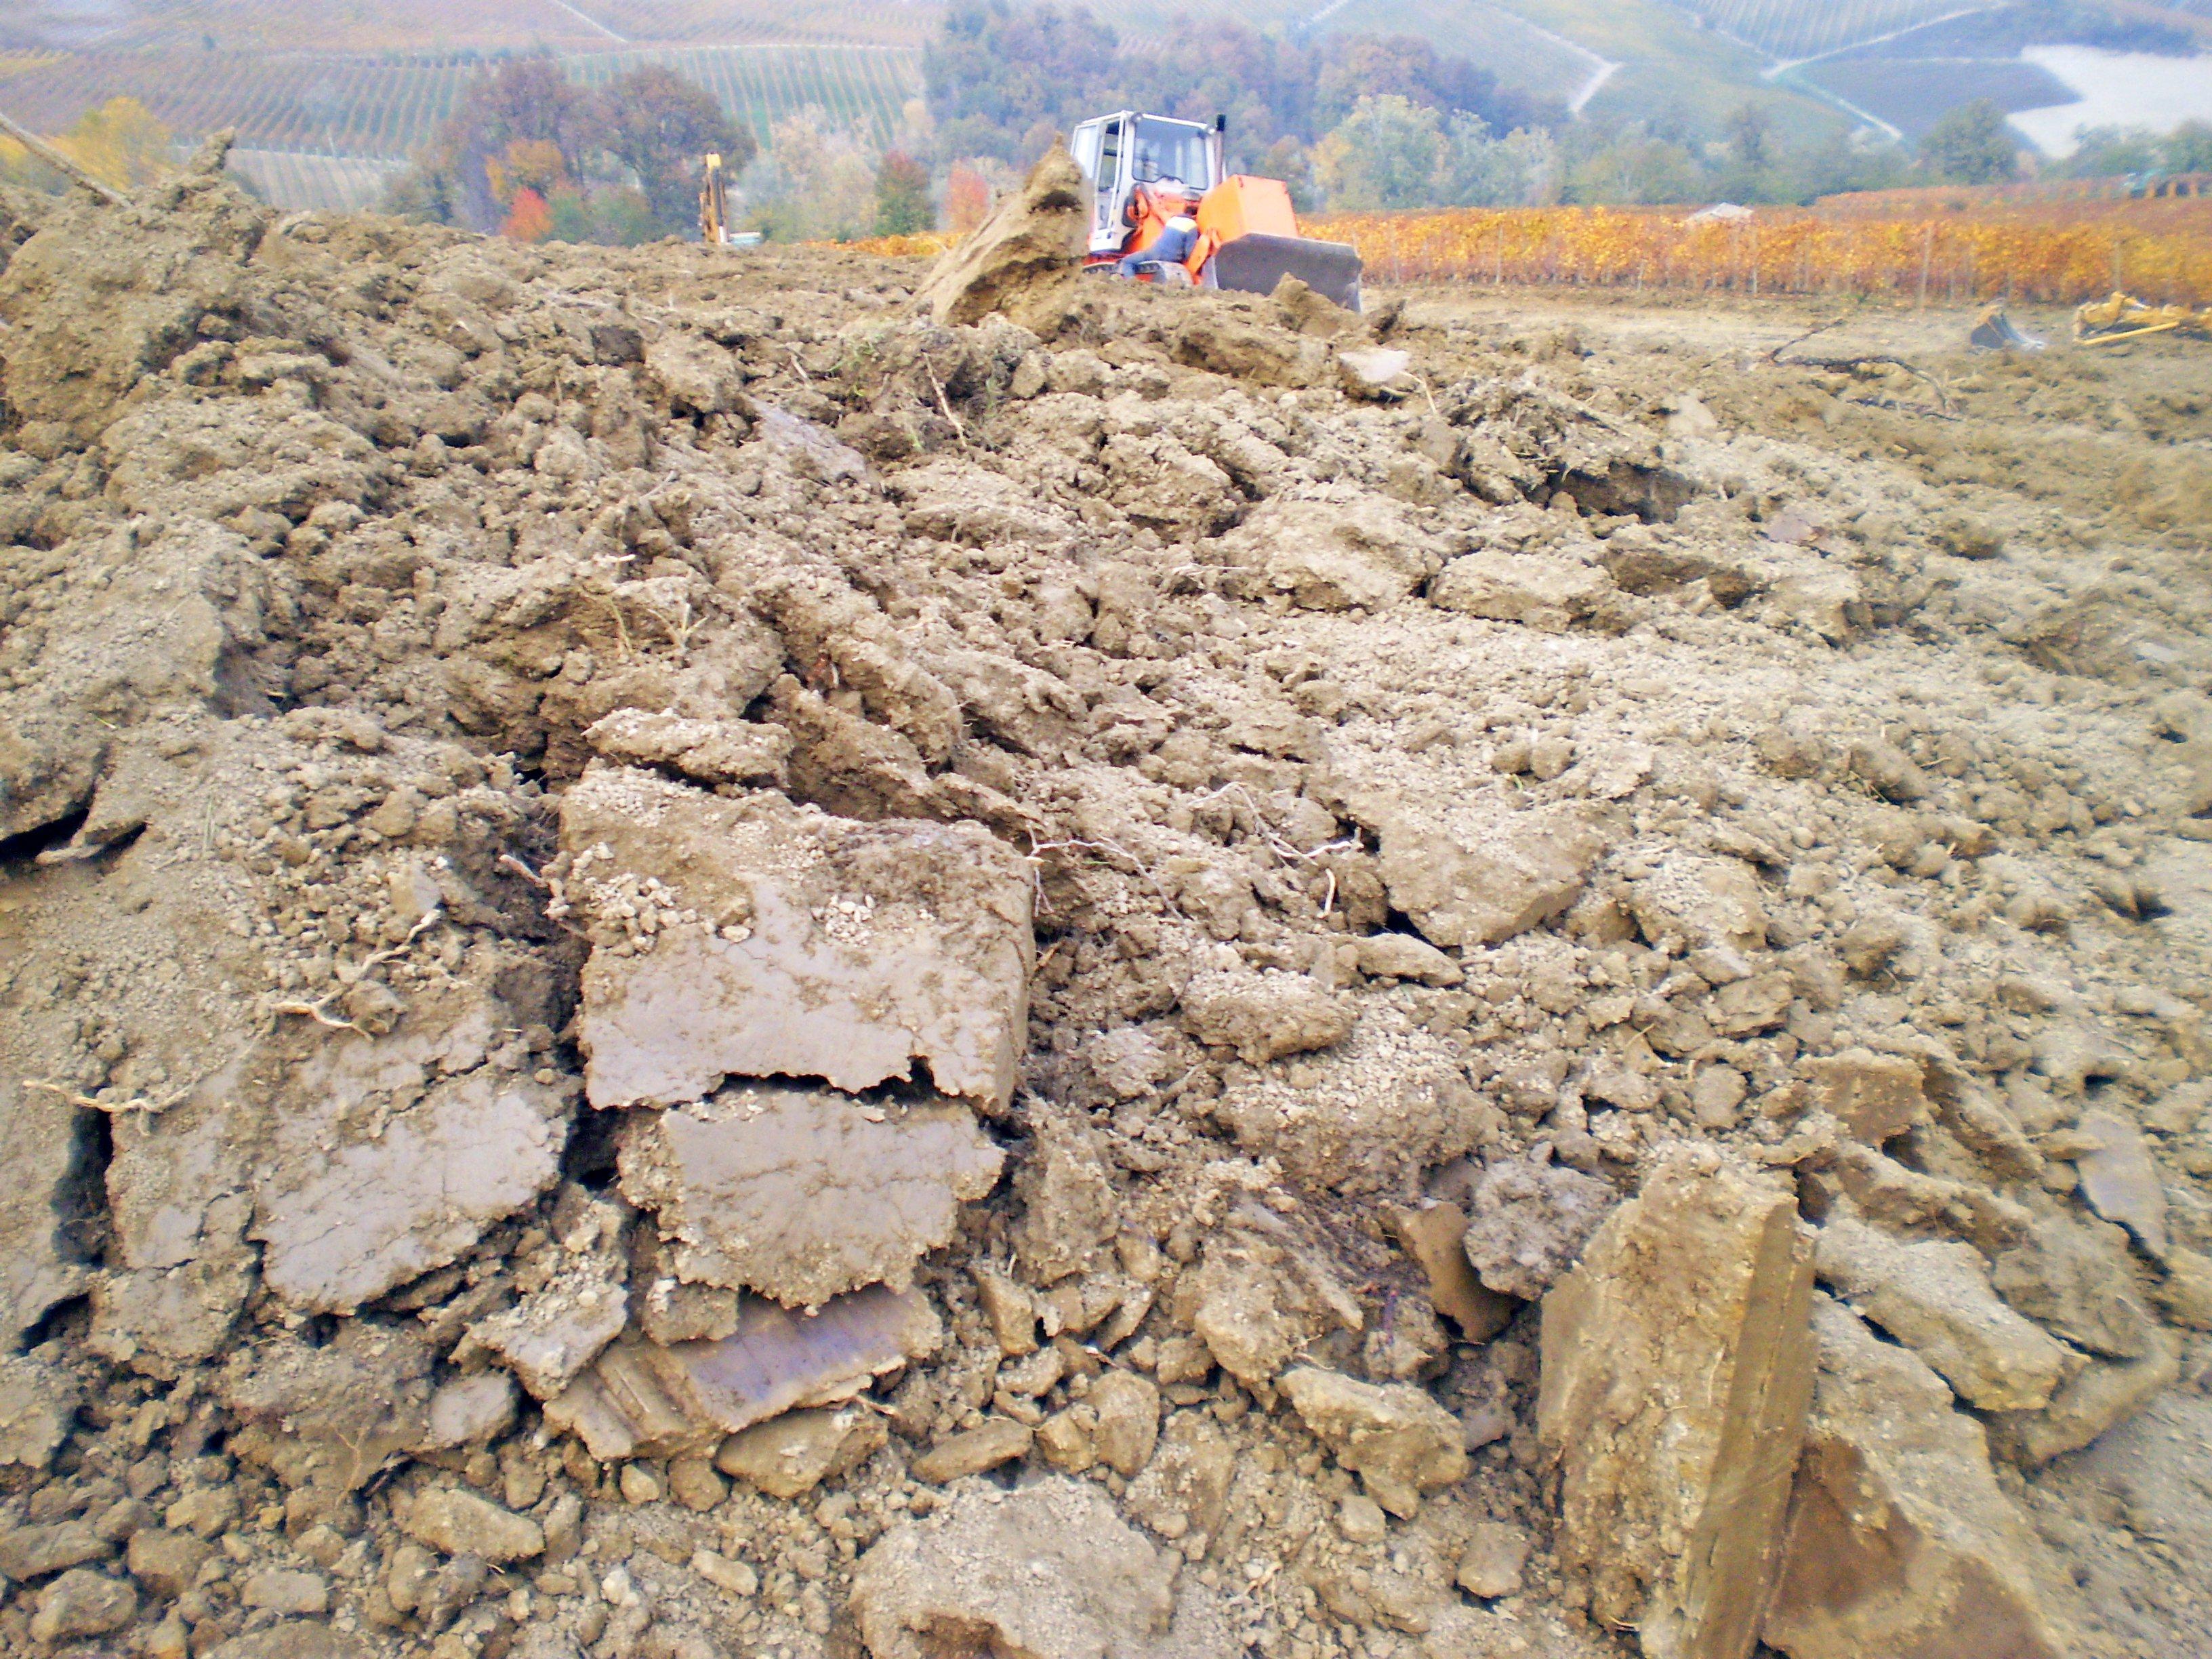 Le zolle del terreno cambiano di colore in relazione alla componente più calcarea o argillosa